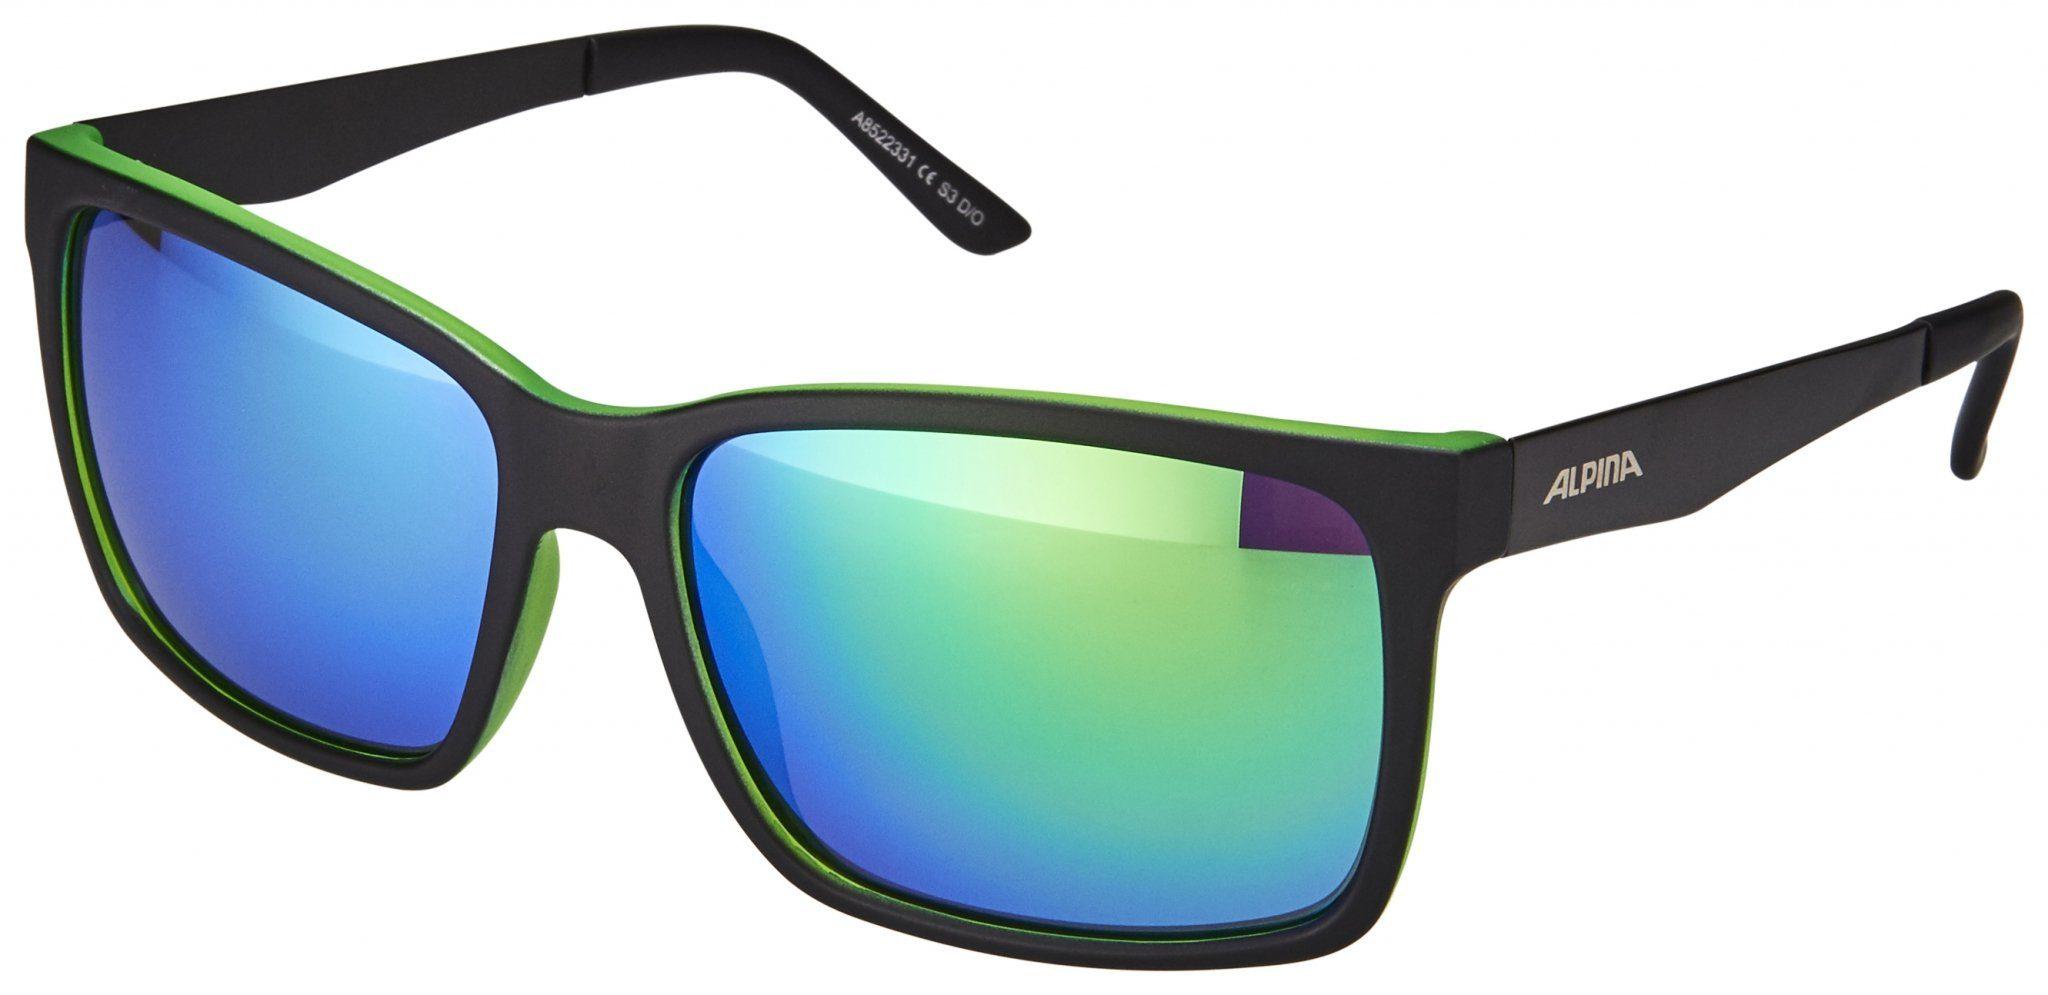 Alpina Radsportbrille »Alpina Don Hugo«